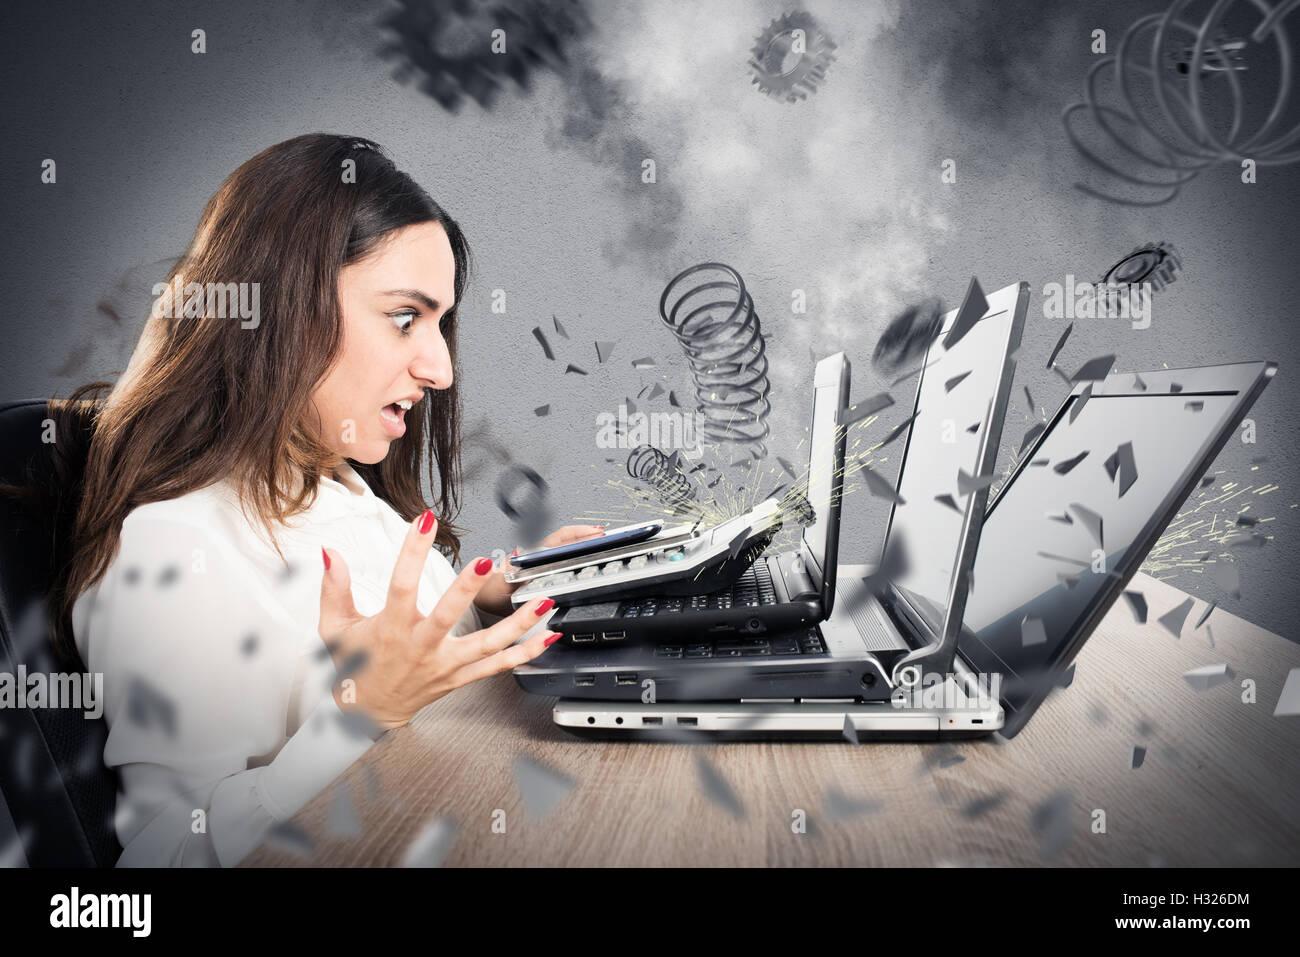 Surchargés de femme d'ordinateurs usés Photo Stock